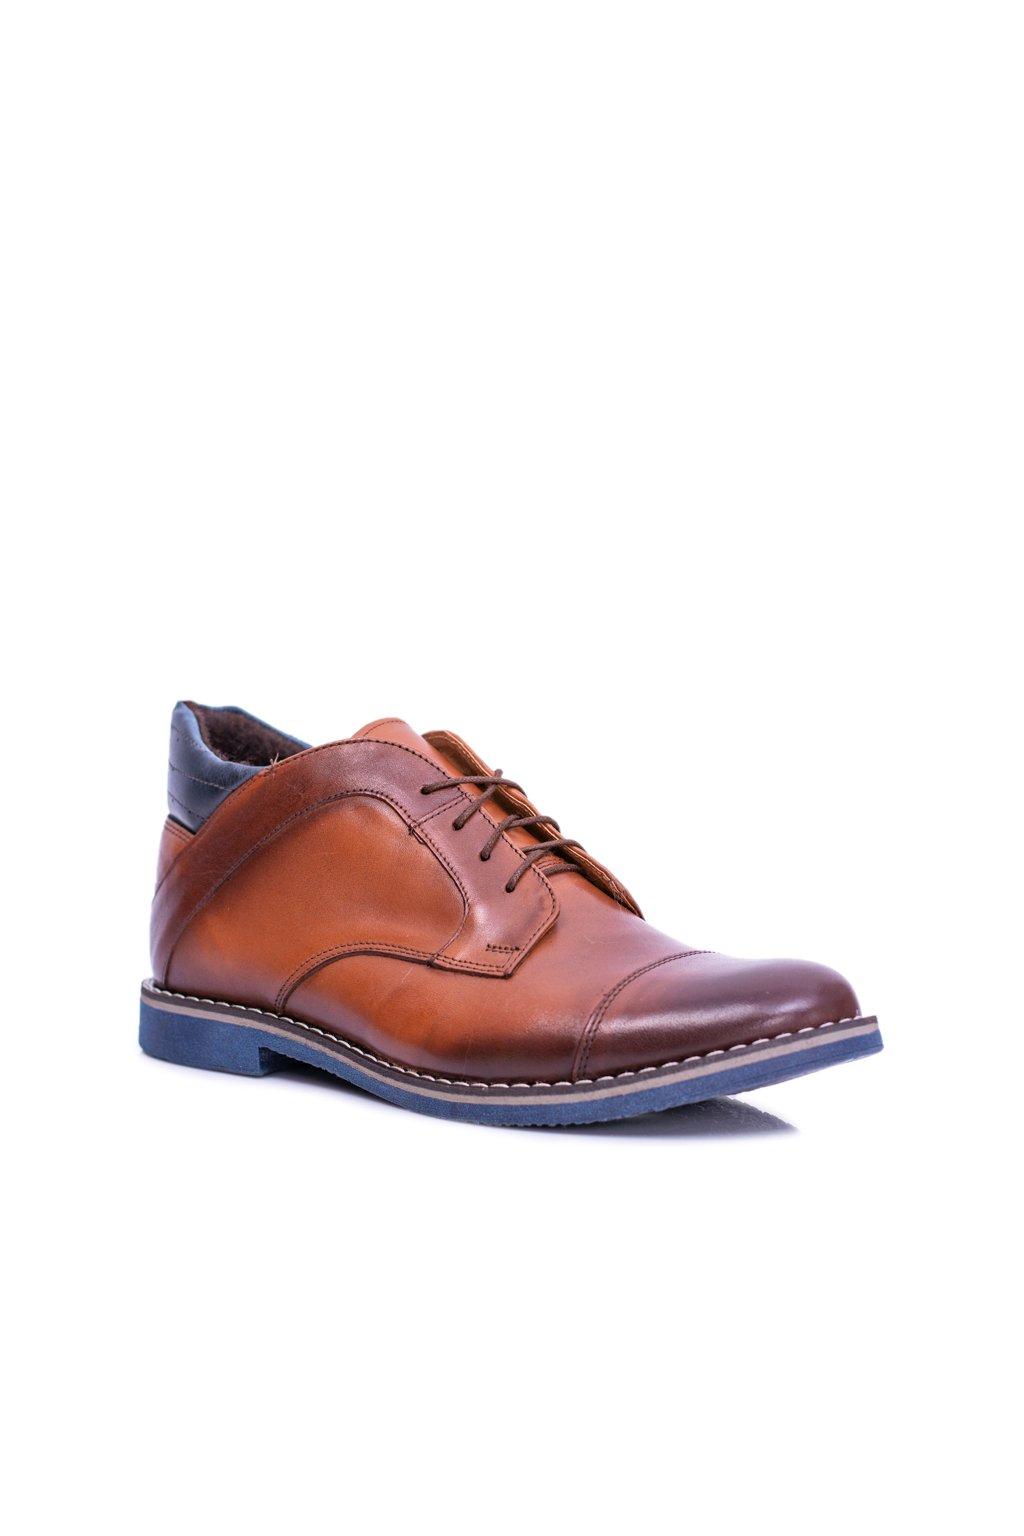 Hnedé pánske kožené vysoké topánky hrejivé Hakuro